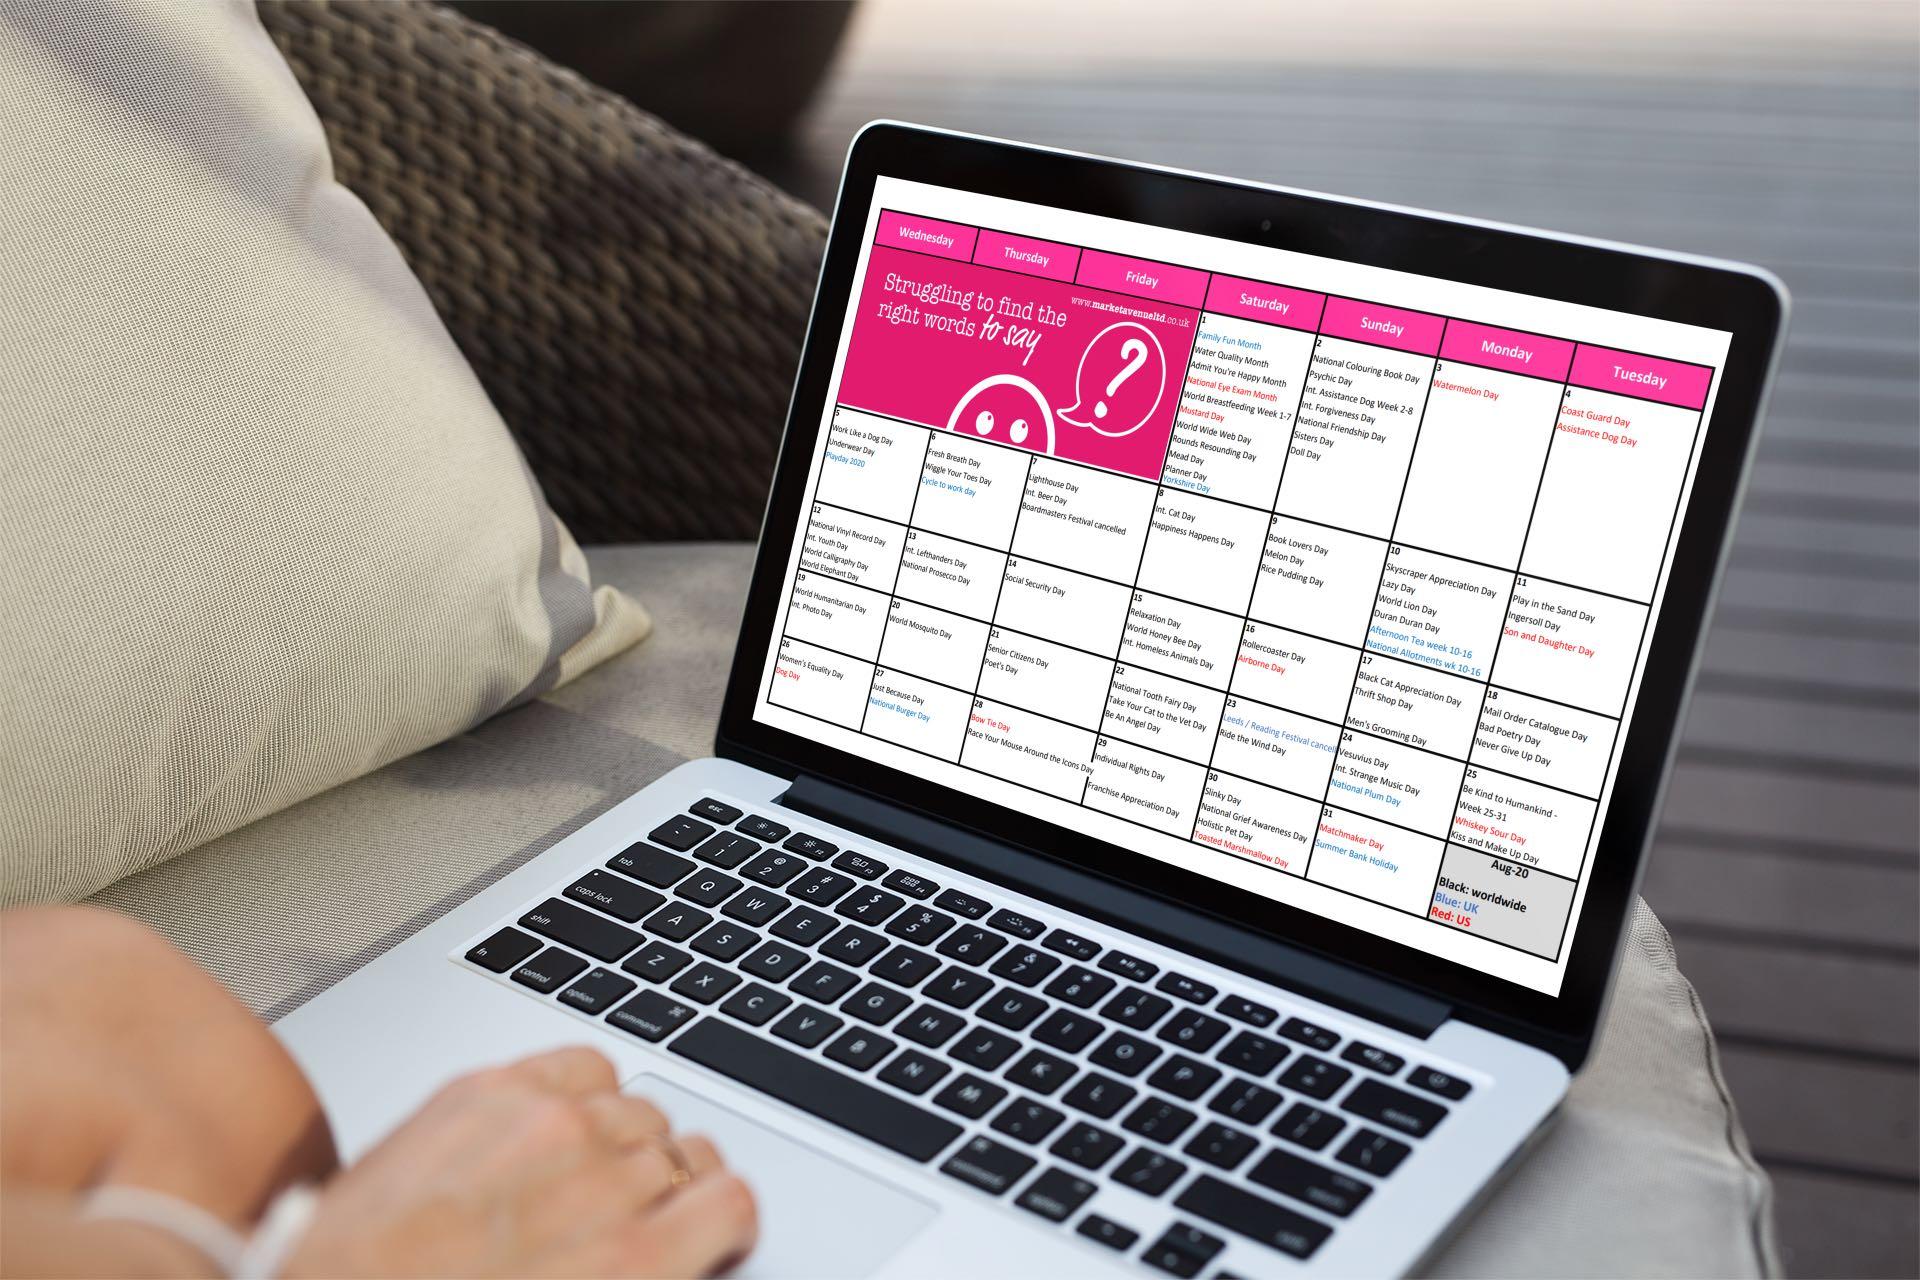 Business owner looking at August 2020 social media planner calendar on Macbook